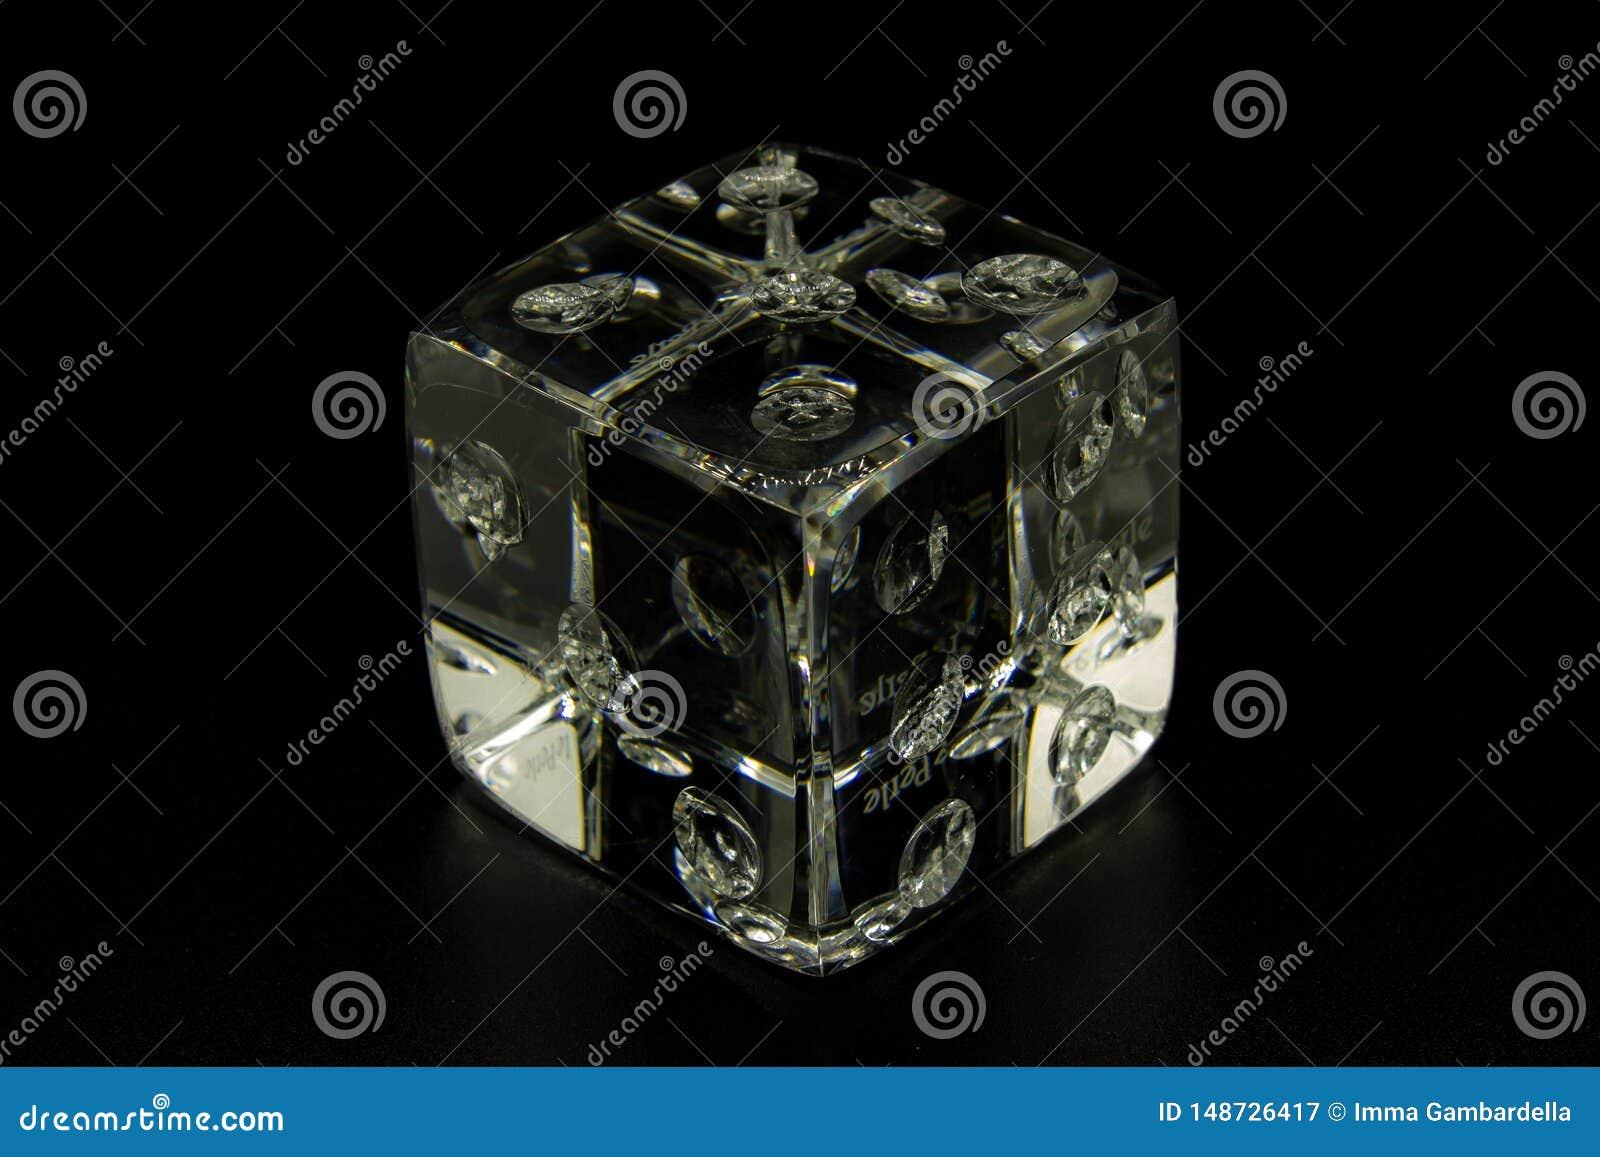 Spela t?rning som g?ras av exponeringsglas p? en svart bakgrund, f?r att accentuera stordian